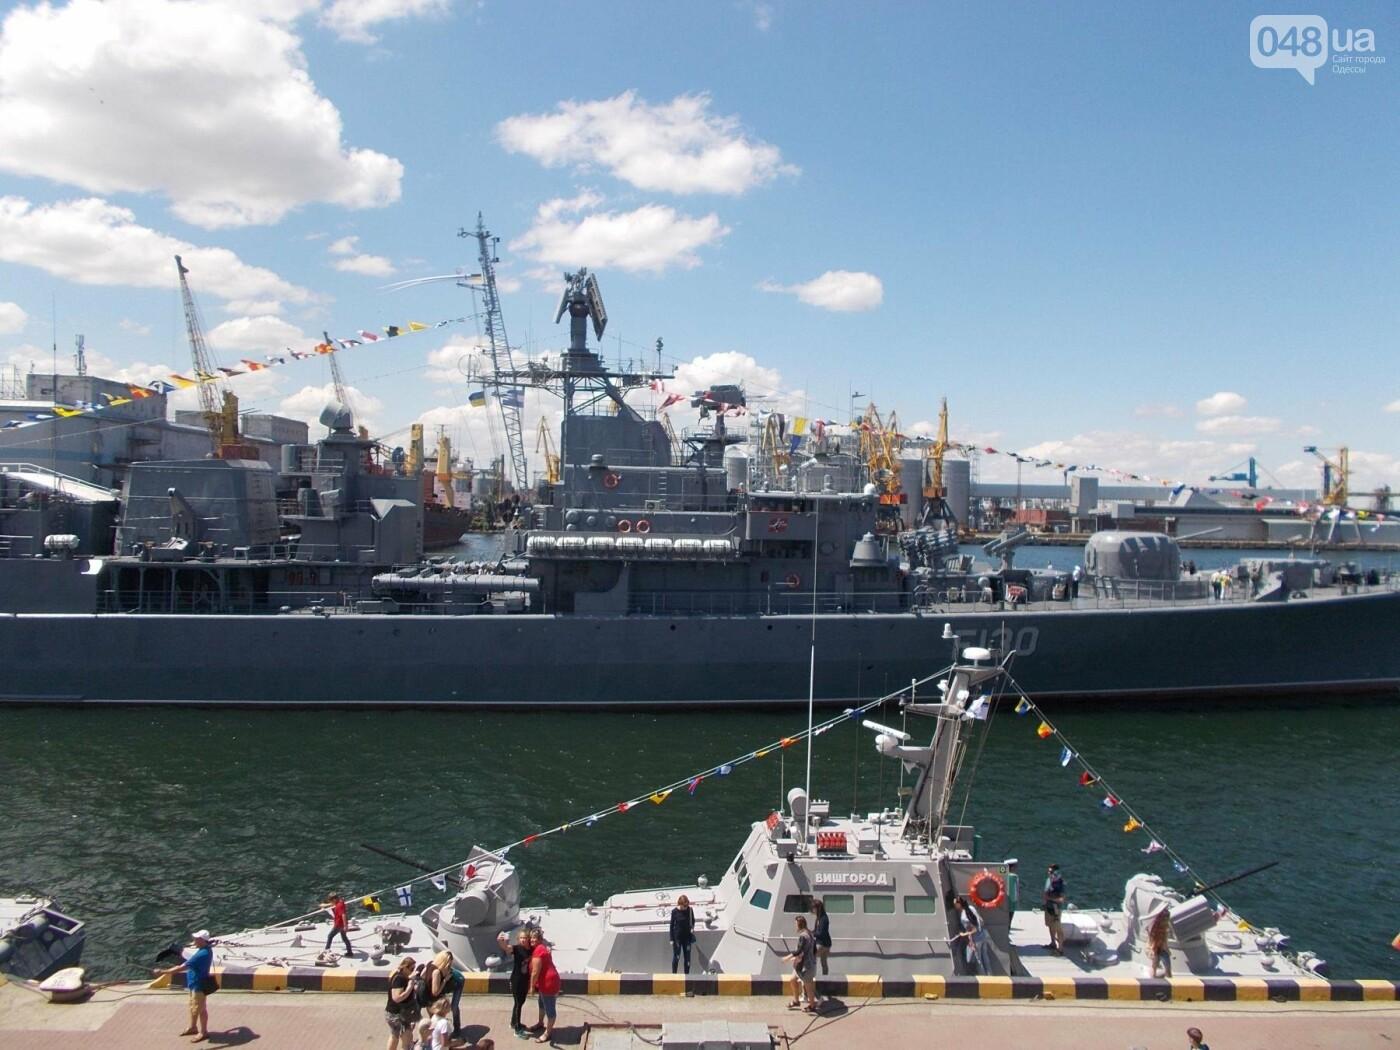 День Военно-морских сил Украины отпраздновали на Одесском морвокзале, - ФОТО , фото-4